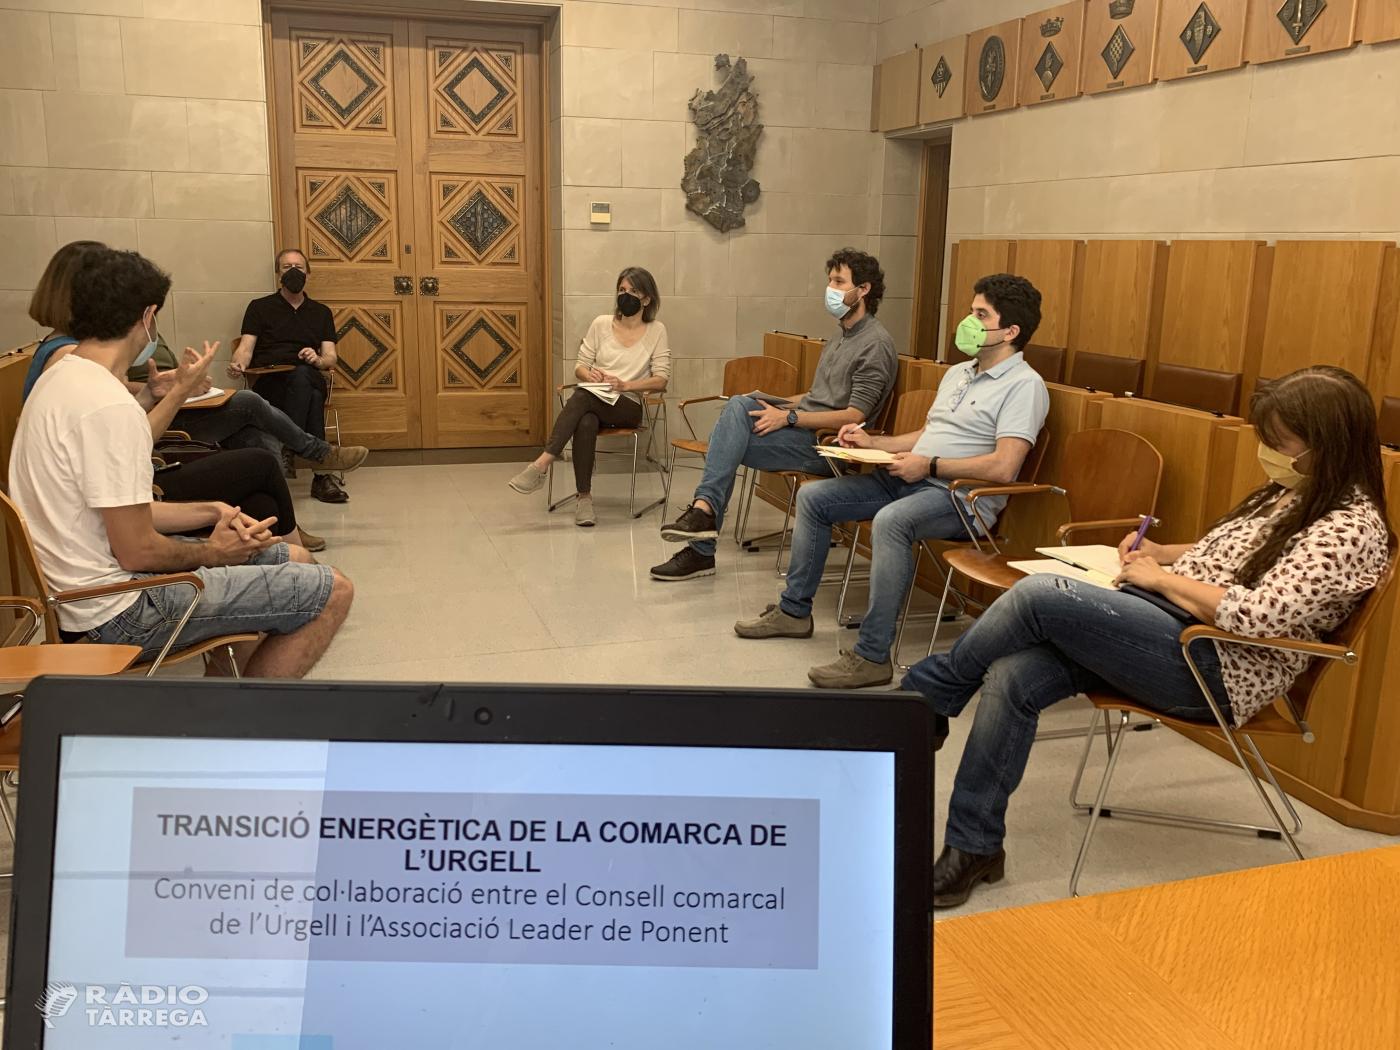 El Consell Comarcal de l'Urgell signa un conveni amb l'Associació Leader de Ponent per fer la transició energètica a la comarca